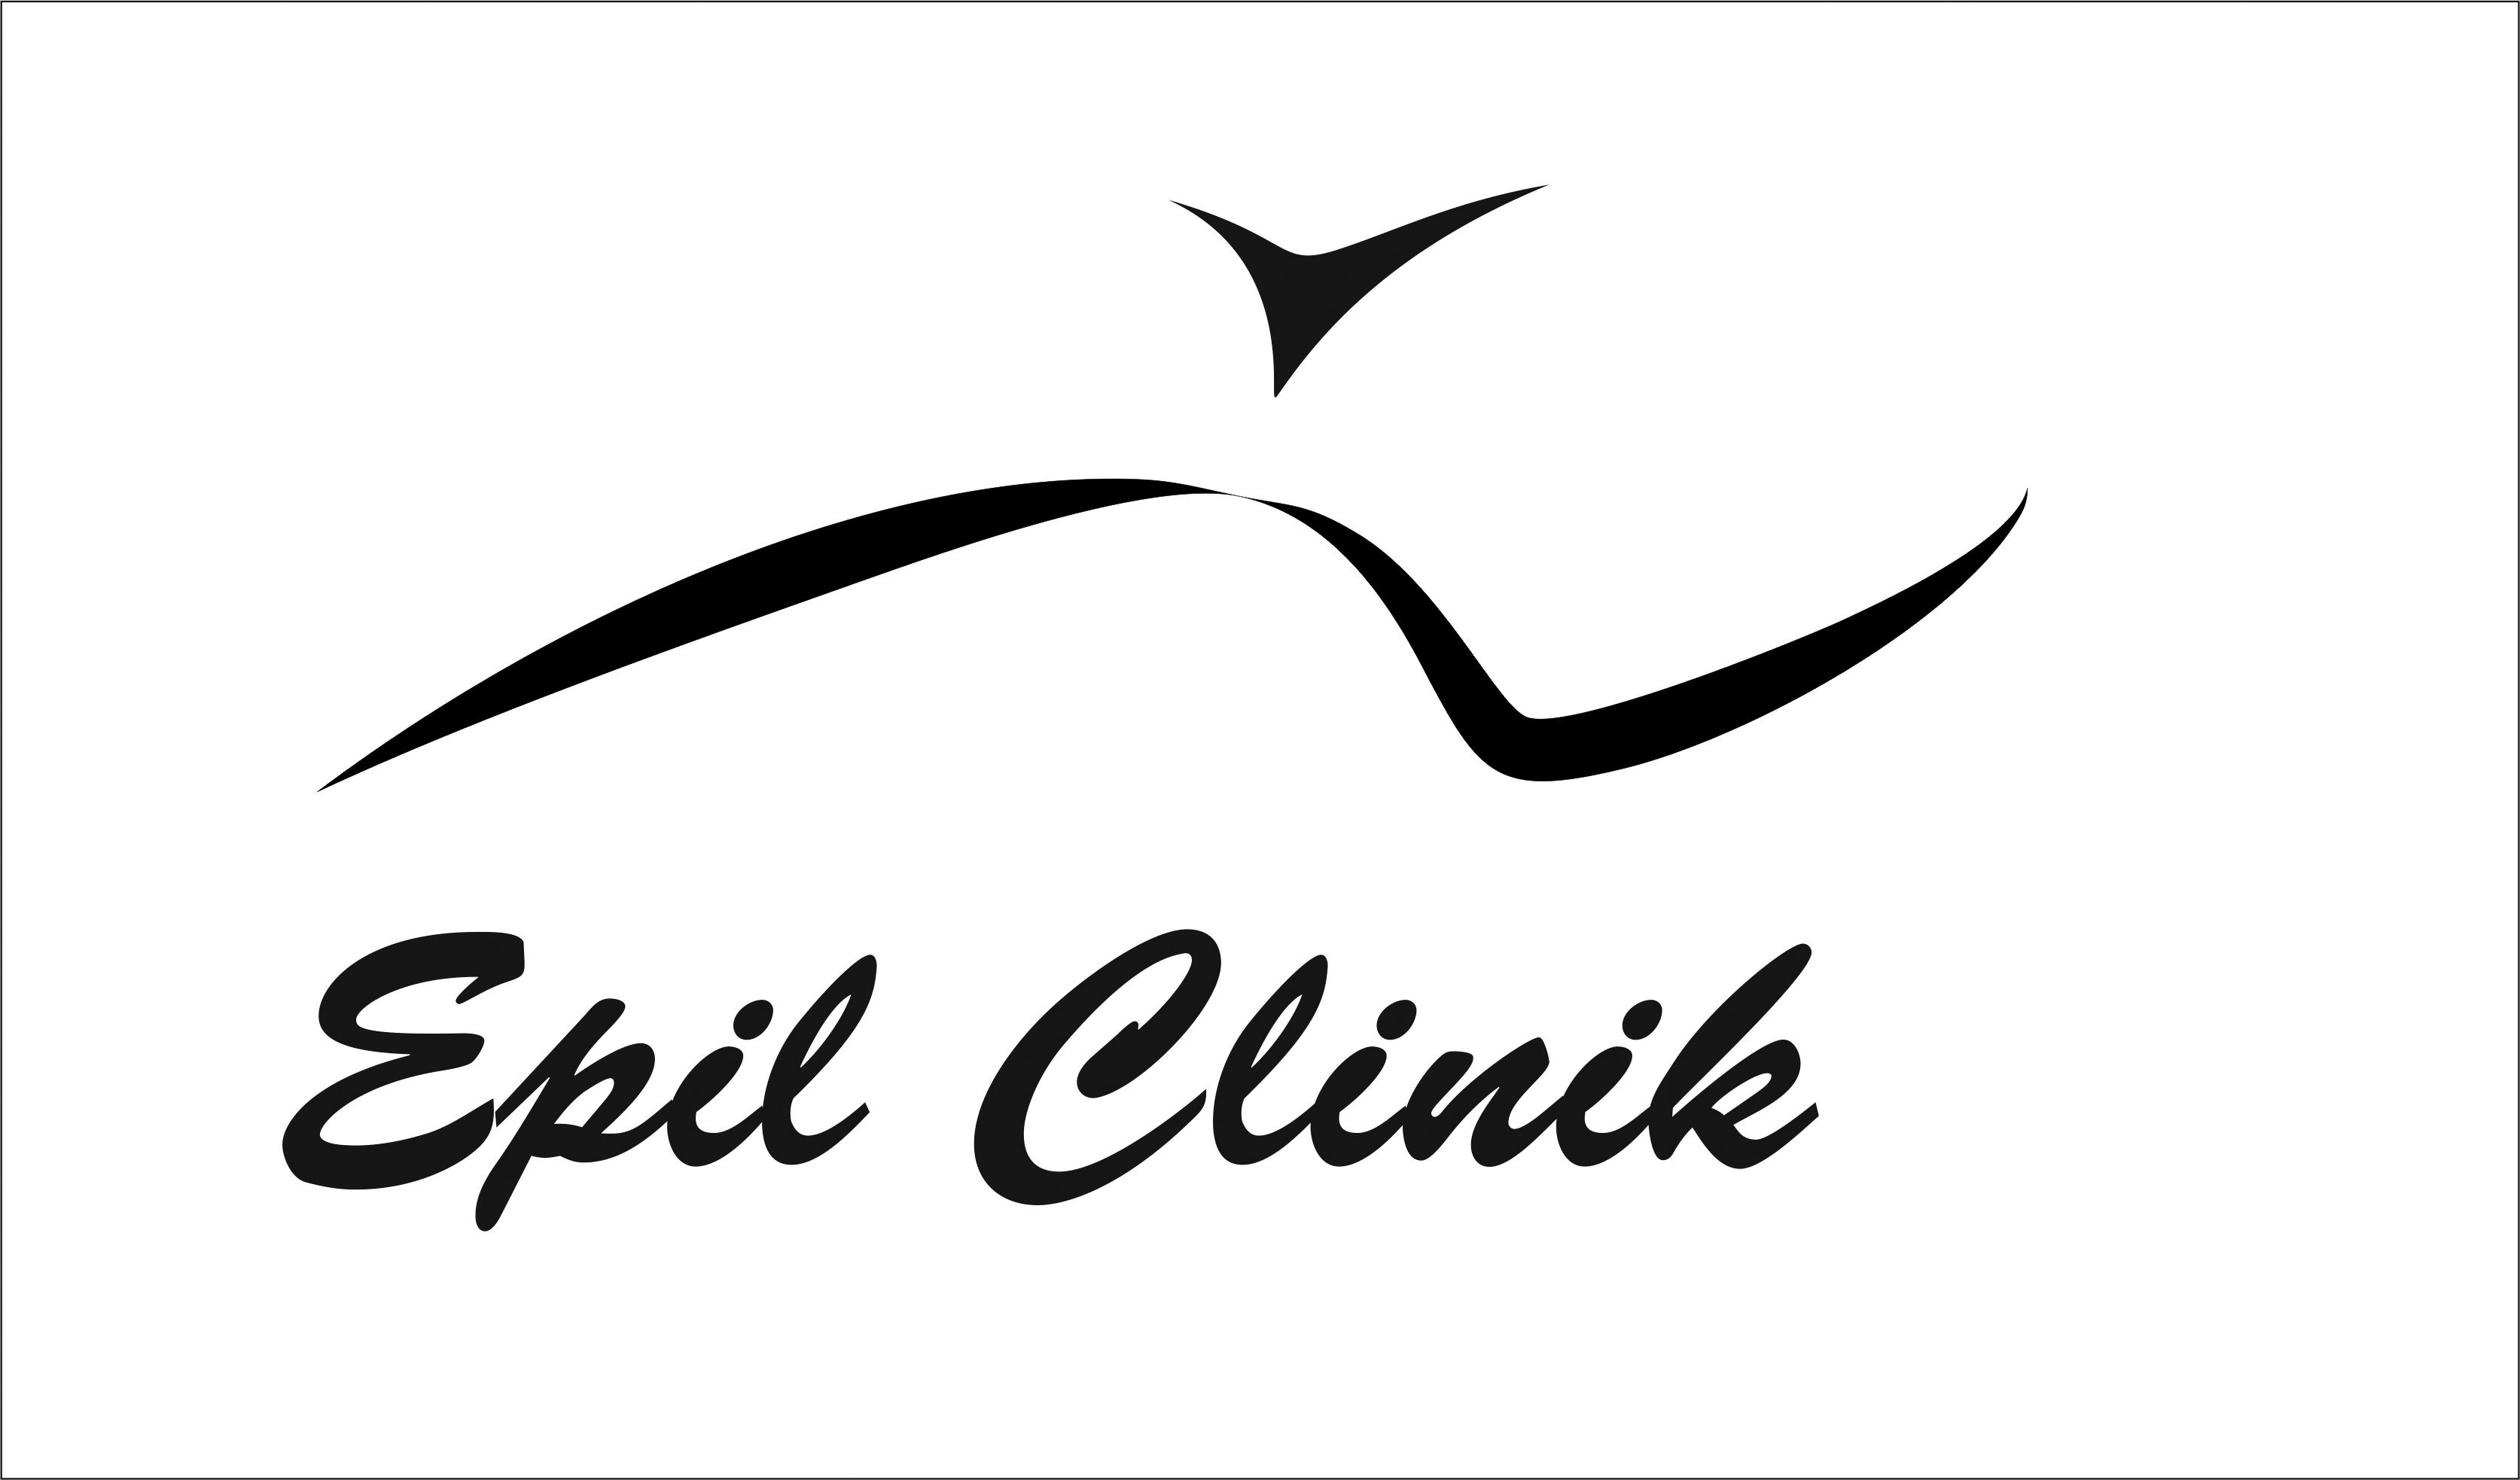 Логотип , фирменный стиль  фото f_9855e1a2a7731b43.jpg